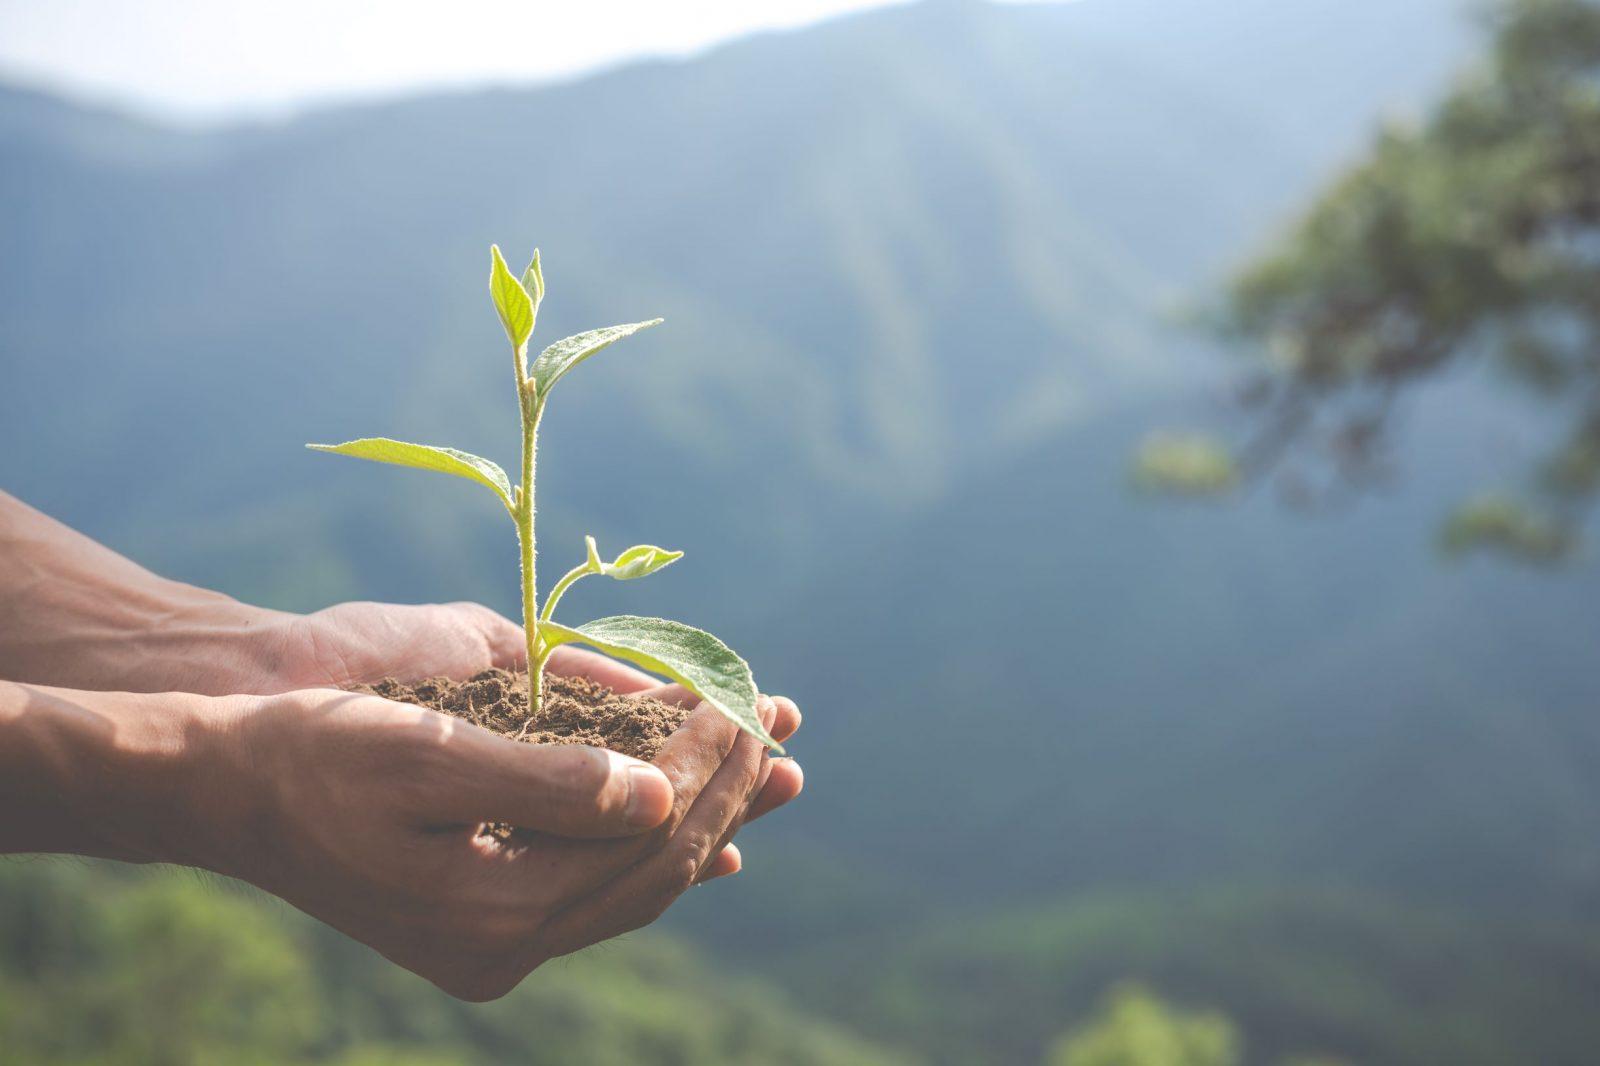 händer som håller växt i jord